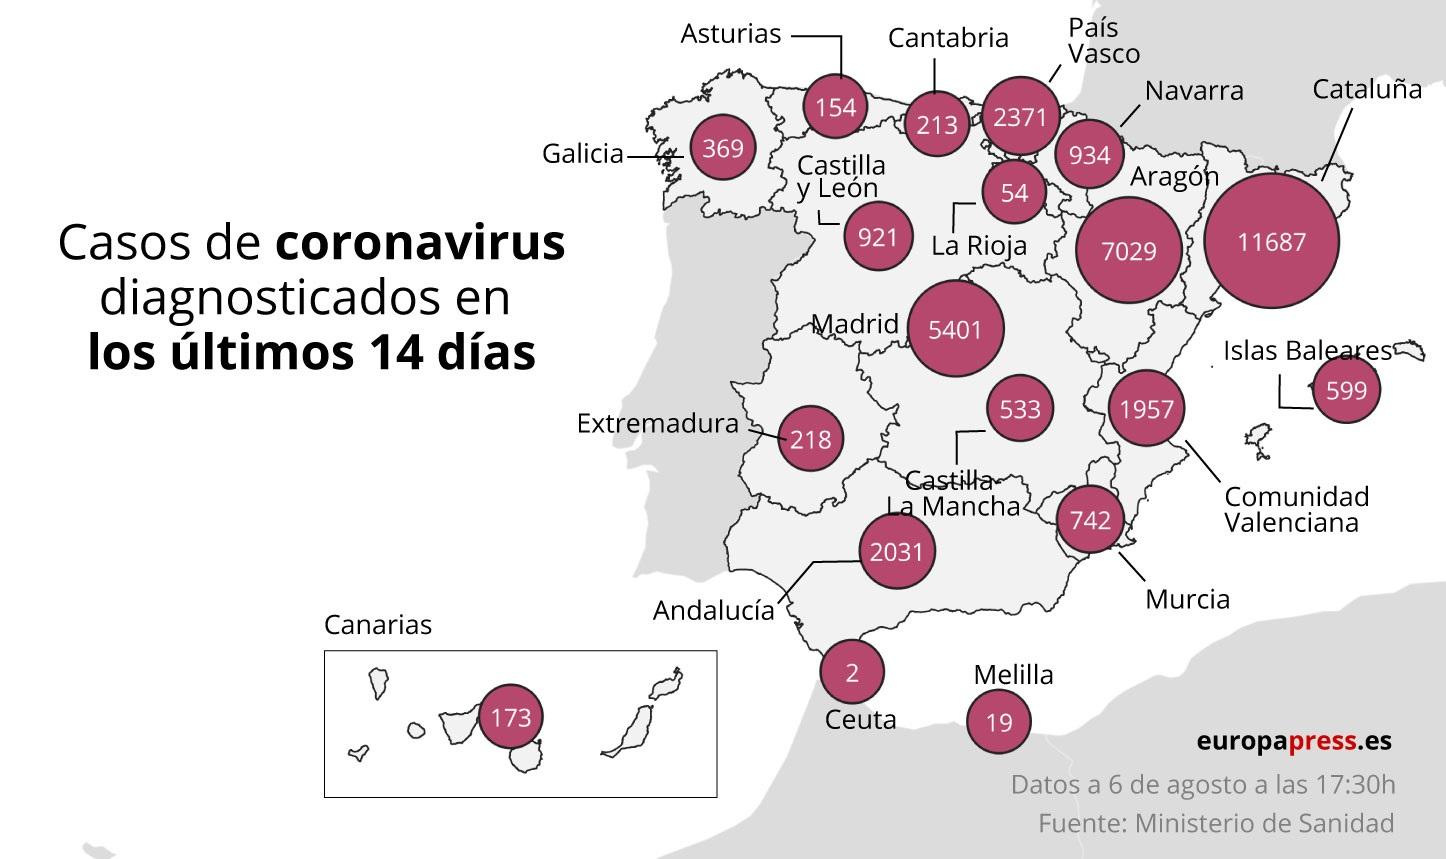 Mapa con casos de coronavirus a 6 de agosto